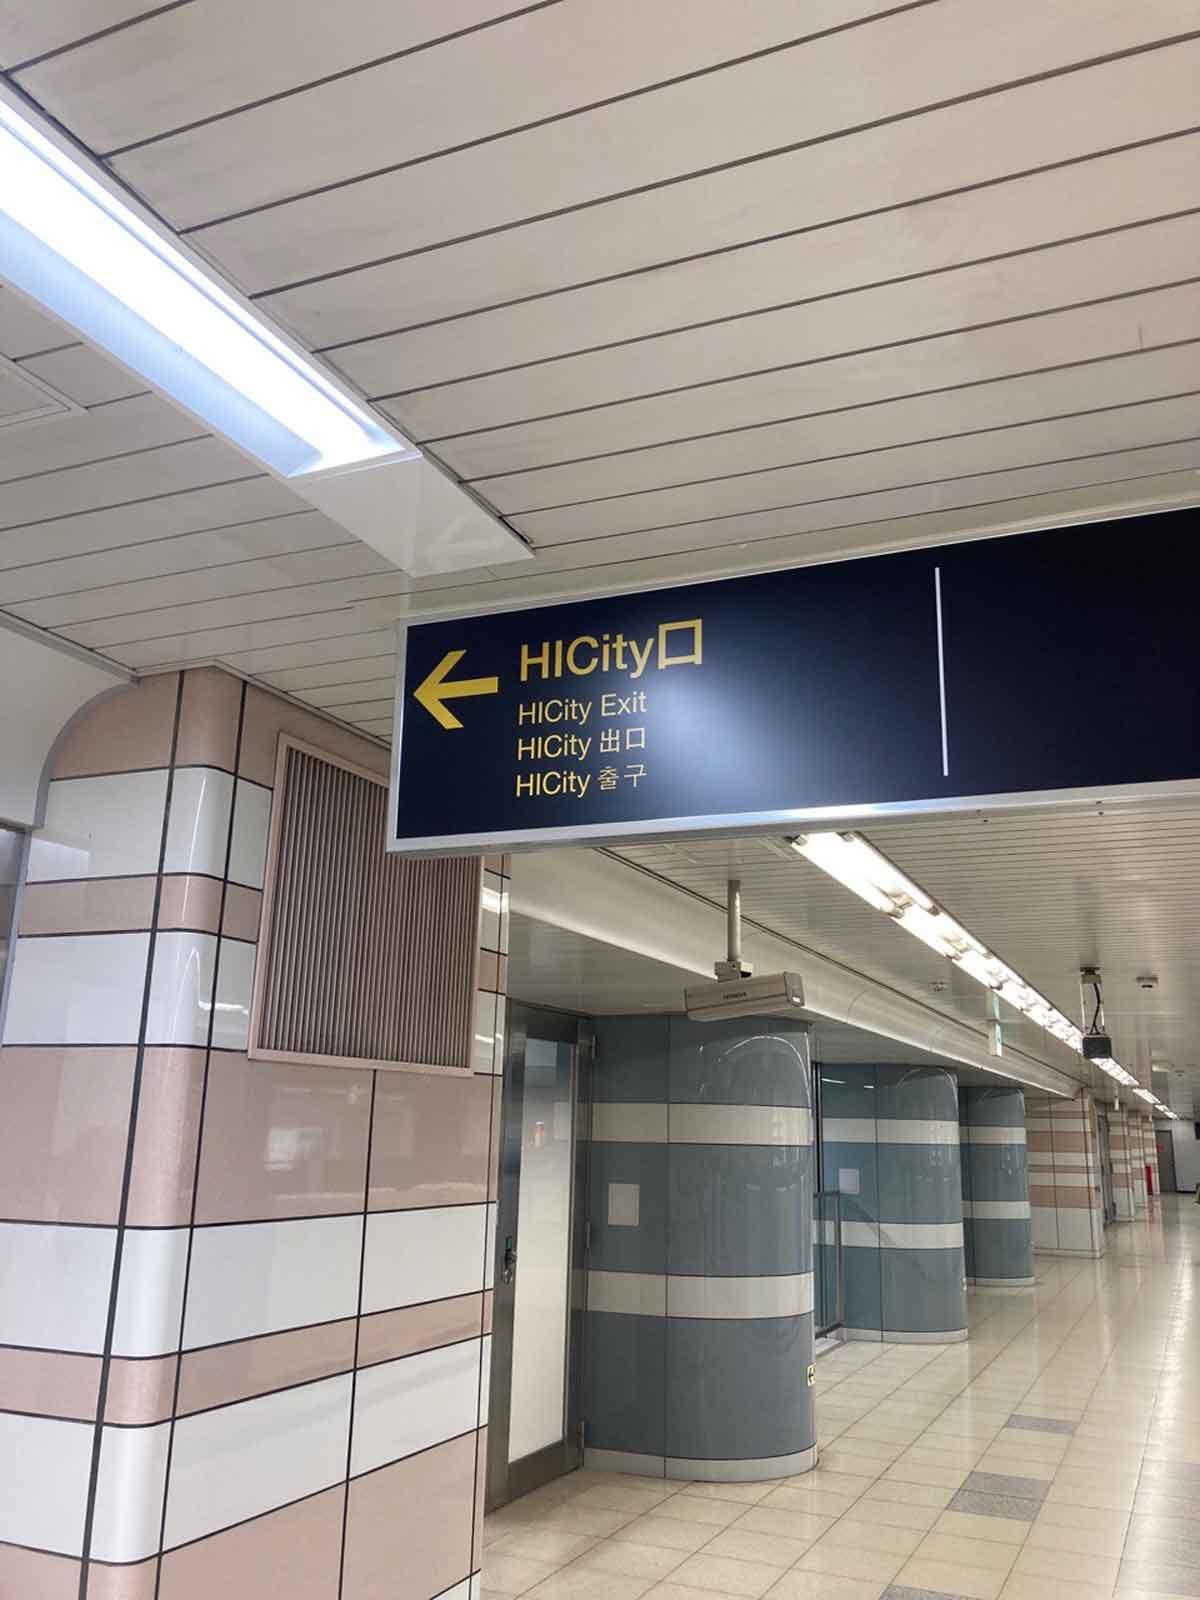 孤立した立地だが駅直結のアクセス